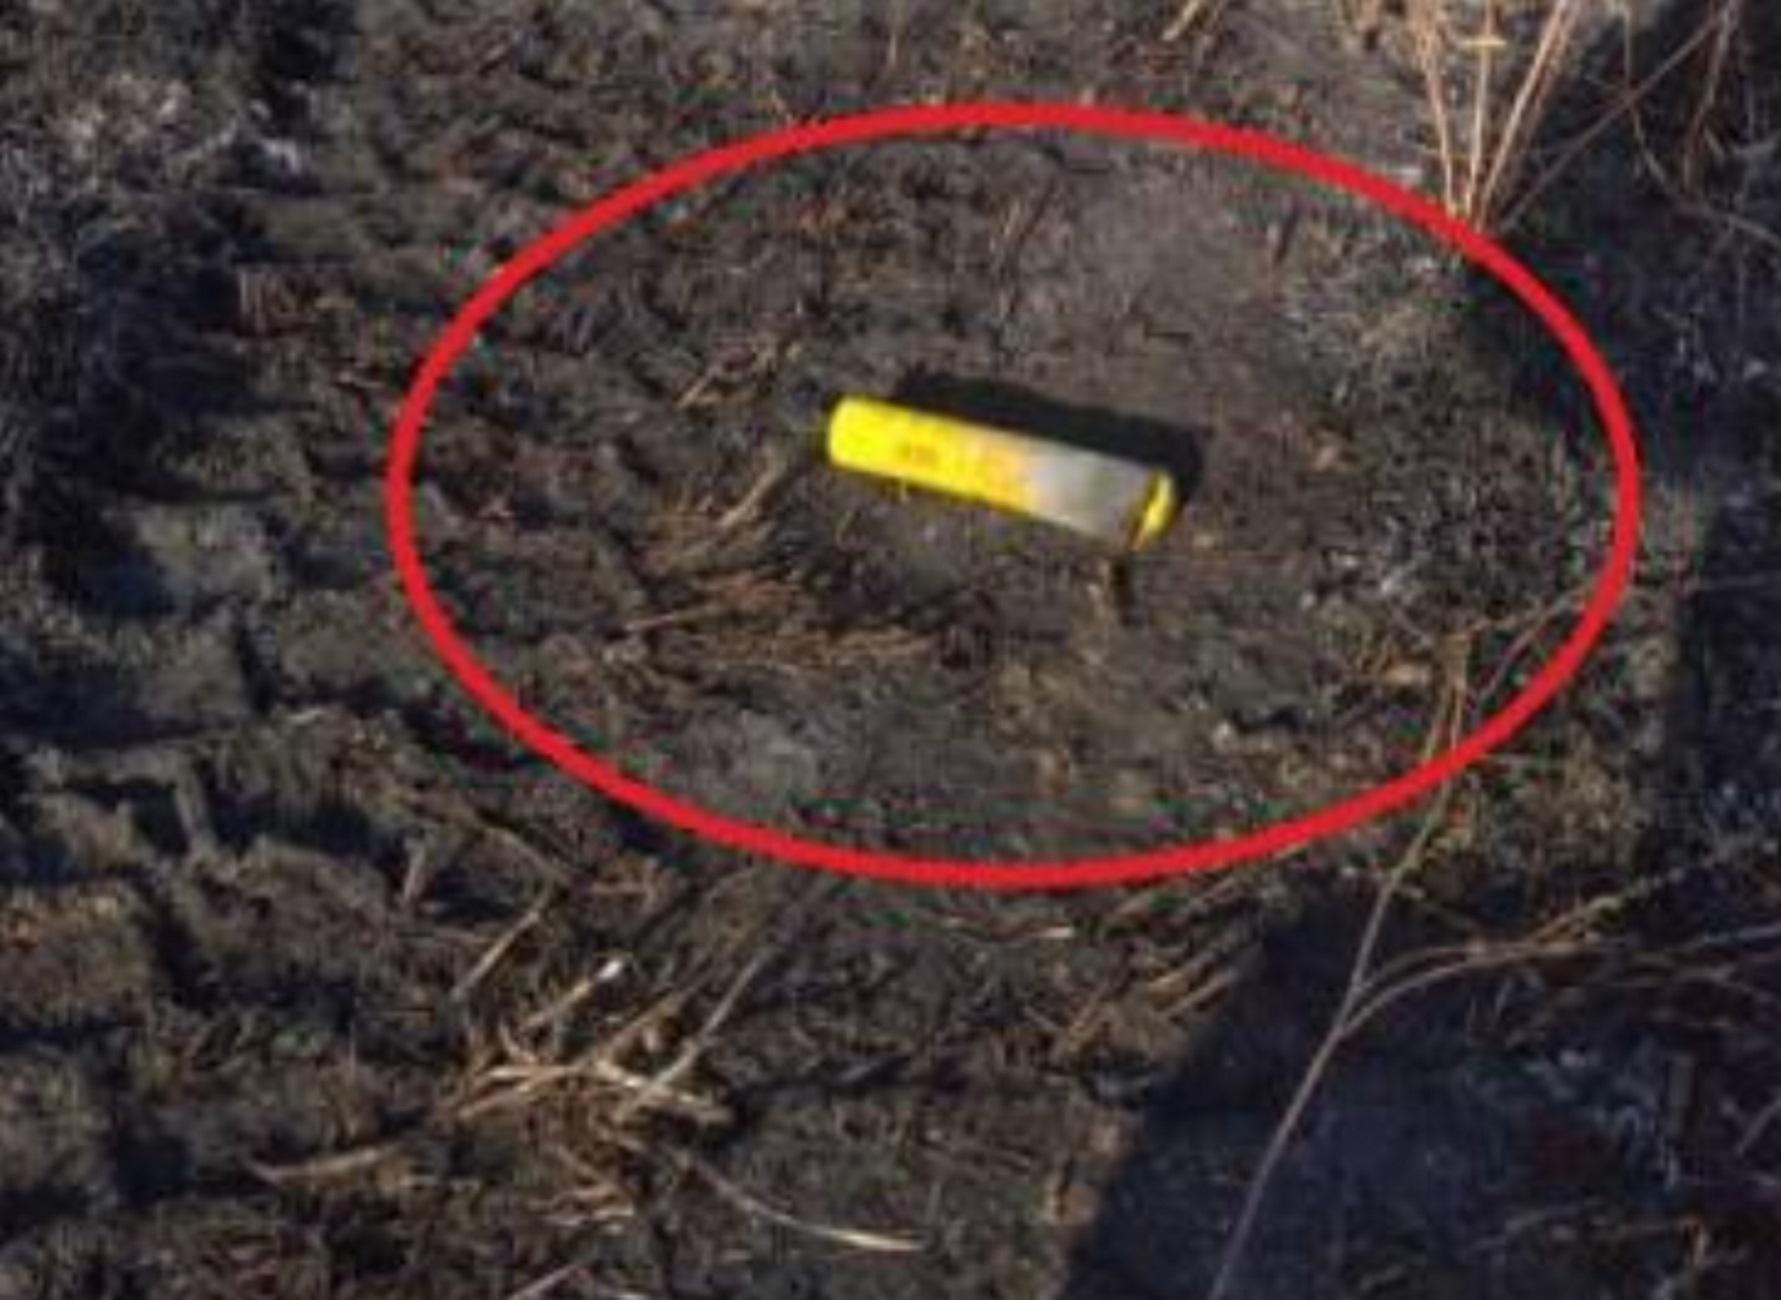 Αχαϊα: Αυτό είναι το καπνογόνο που έφυγε από το γήπεδο και έκαψε μια ολόκληρη περιοχή (pics, video)